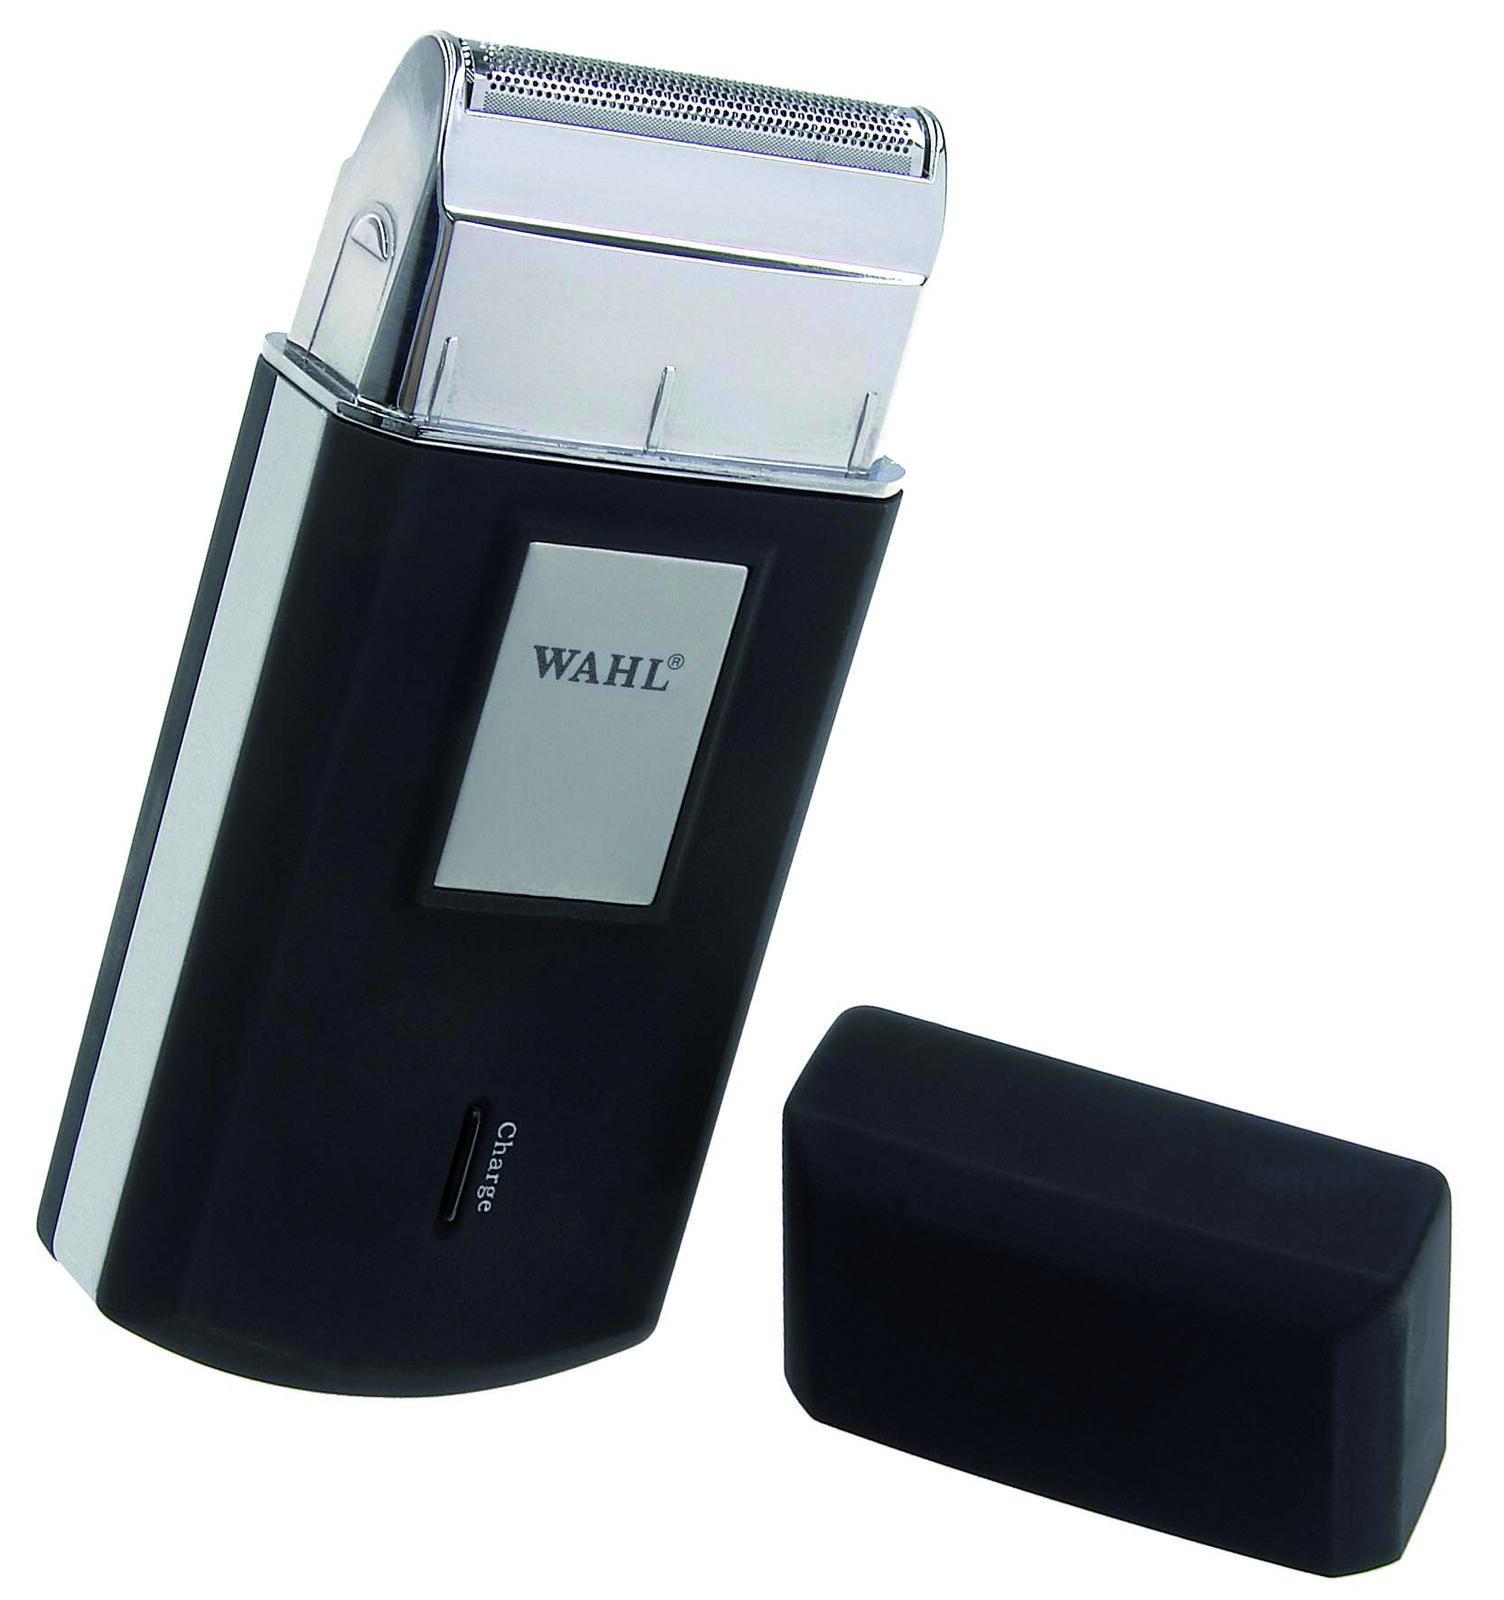 Wahl Moser Professional Akku Rasierer Mobile Shaver 3615 Reise Rasierer Hochwert